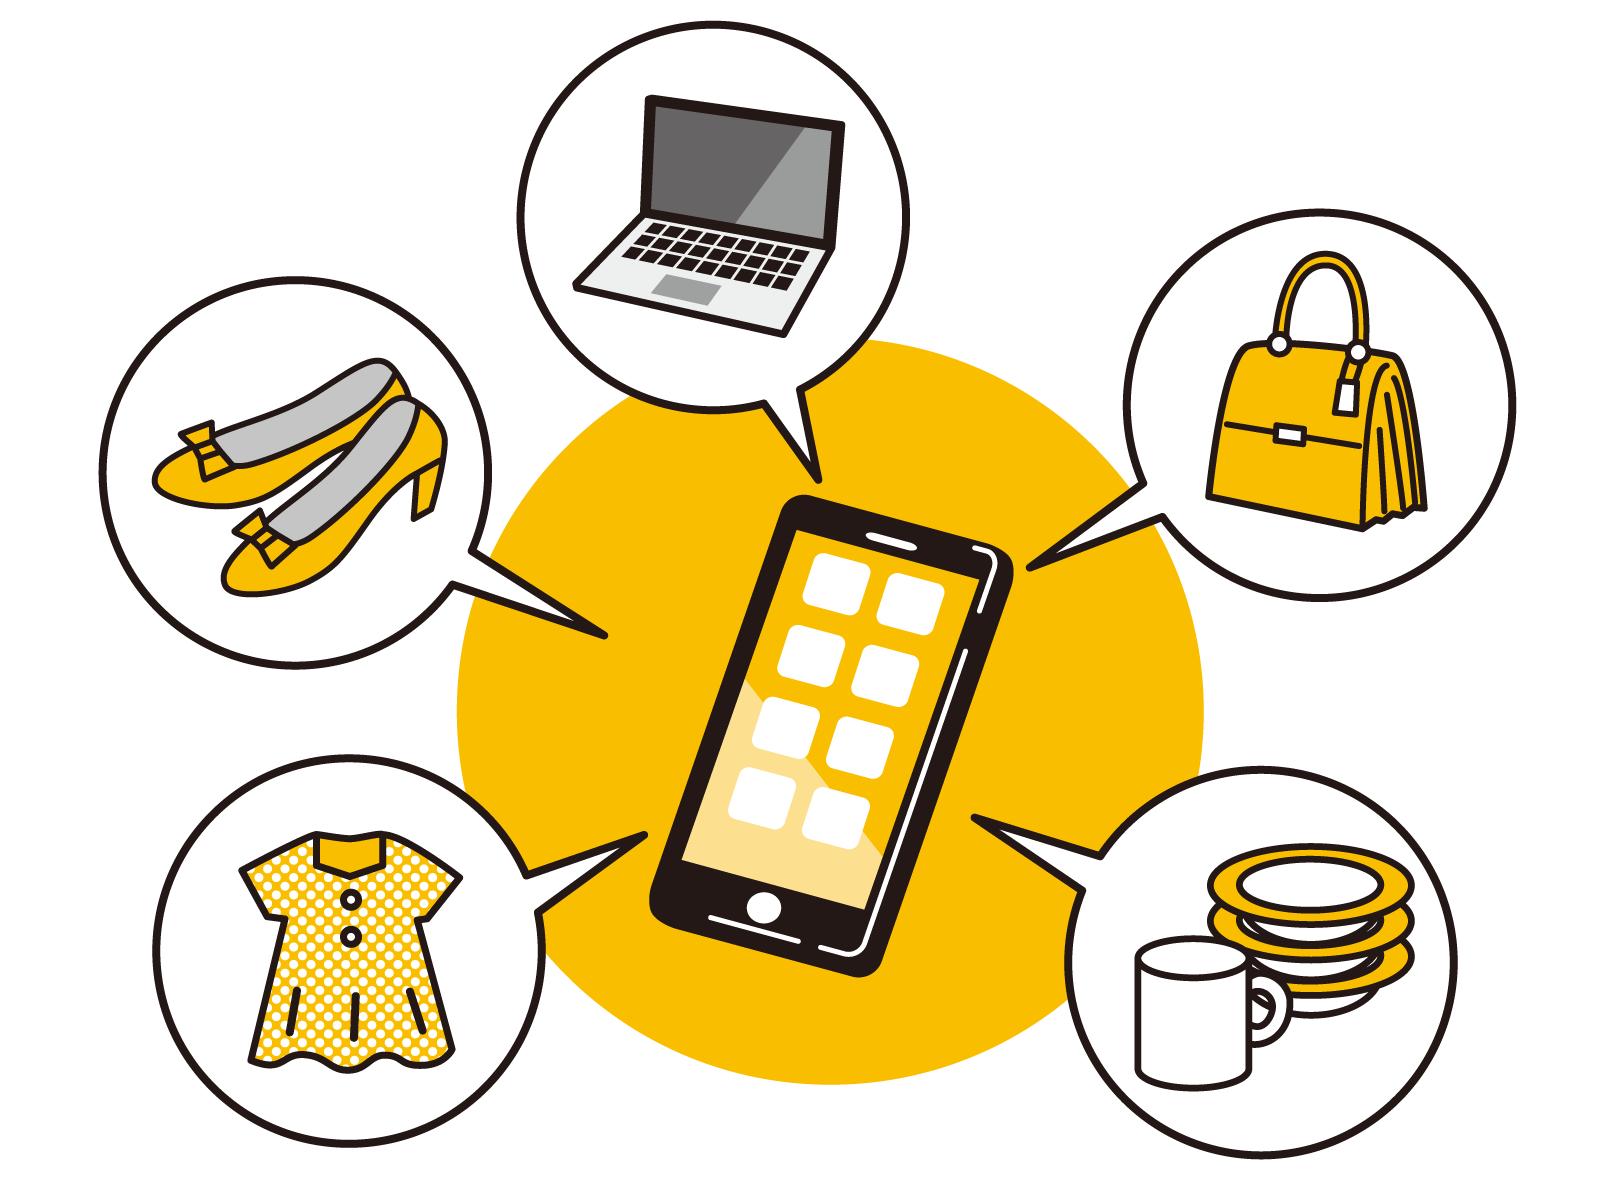 通信販売業における電話業務